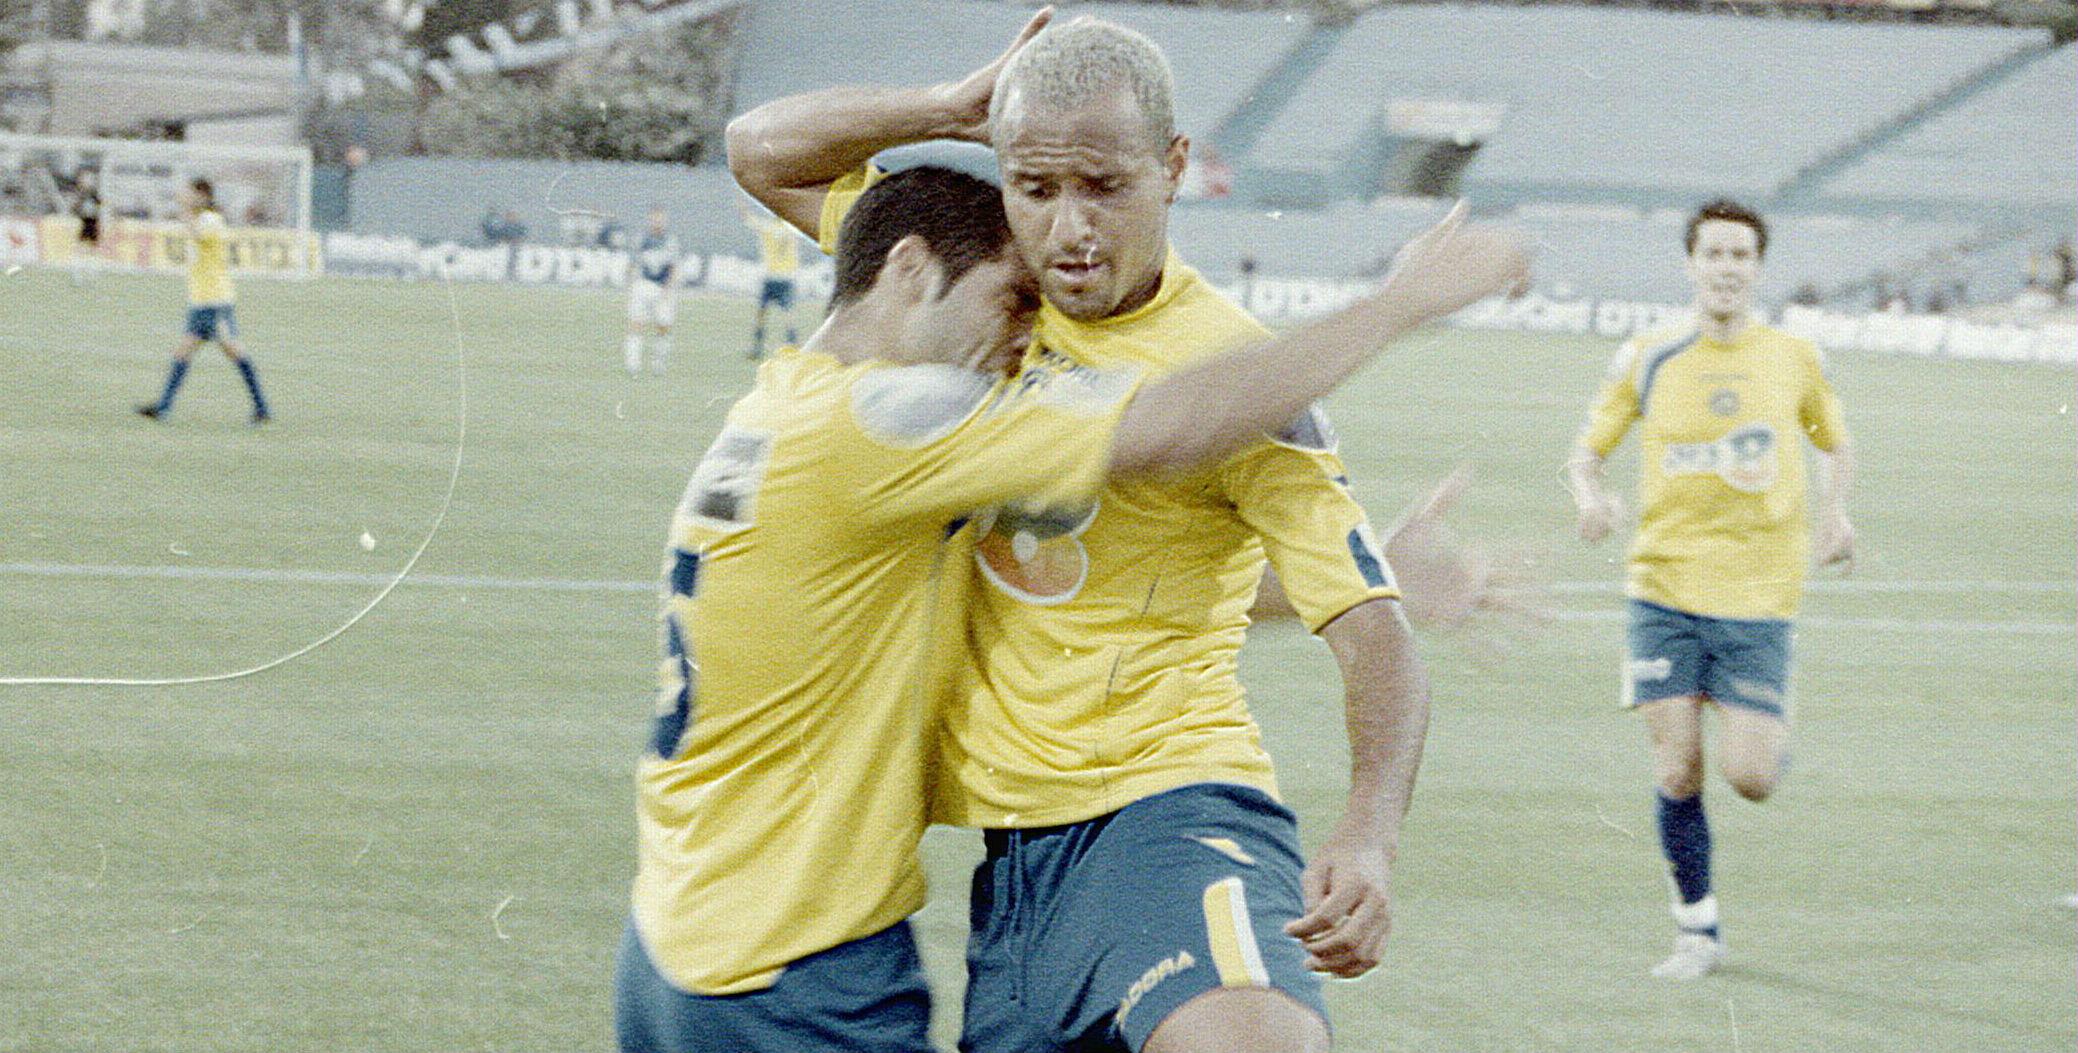 Bruno Reis - cup final 2005